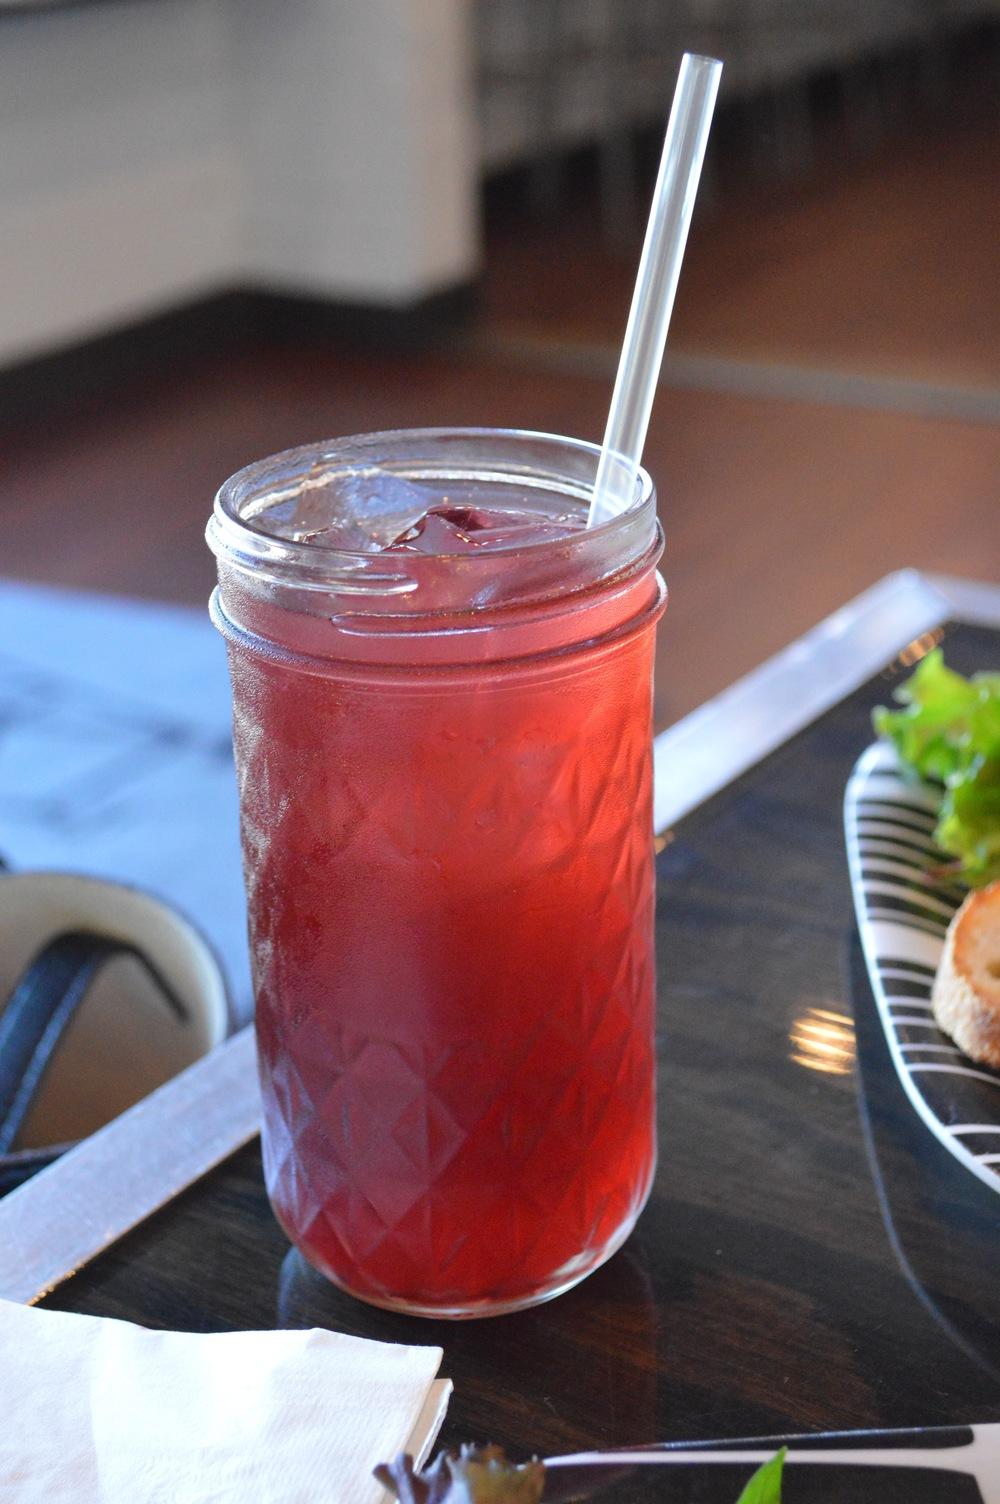 LaurenSchwaiger-Life-Style-Blog-RVA-Lamplighter-Roasting-Copmany-Ginger-Iced-Tea.jpg